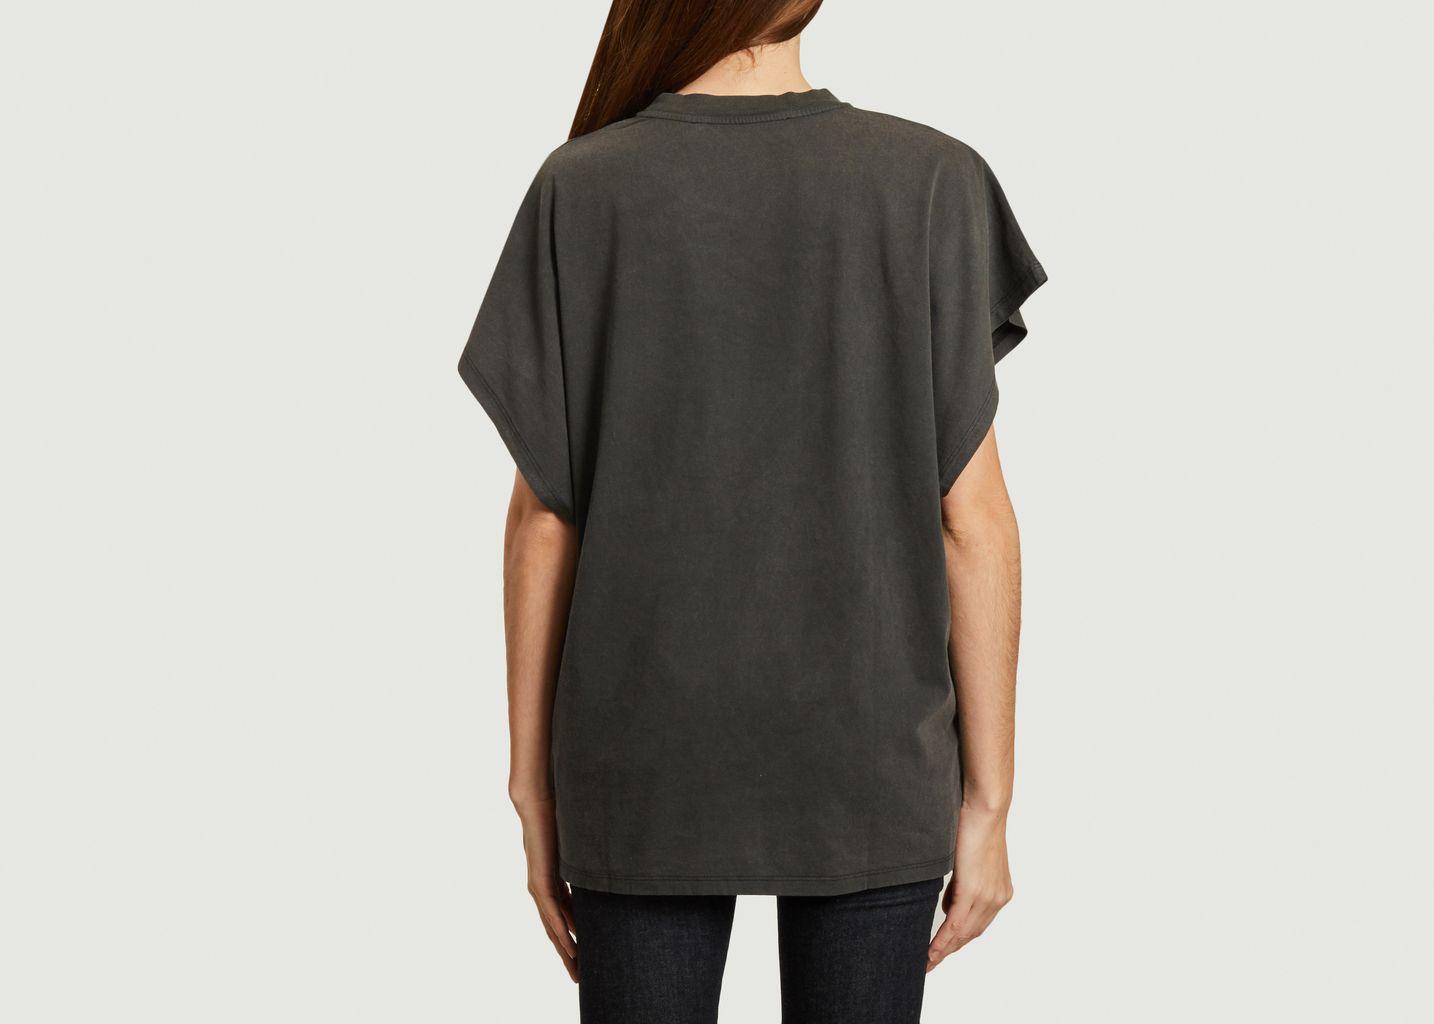 Tshirt Explor - IRO